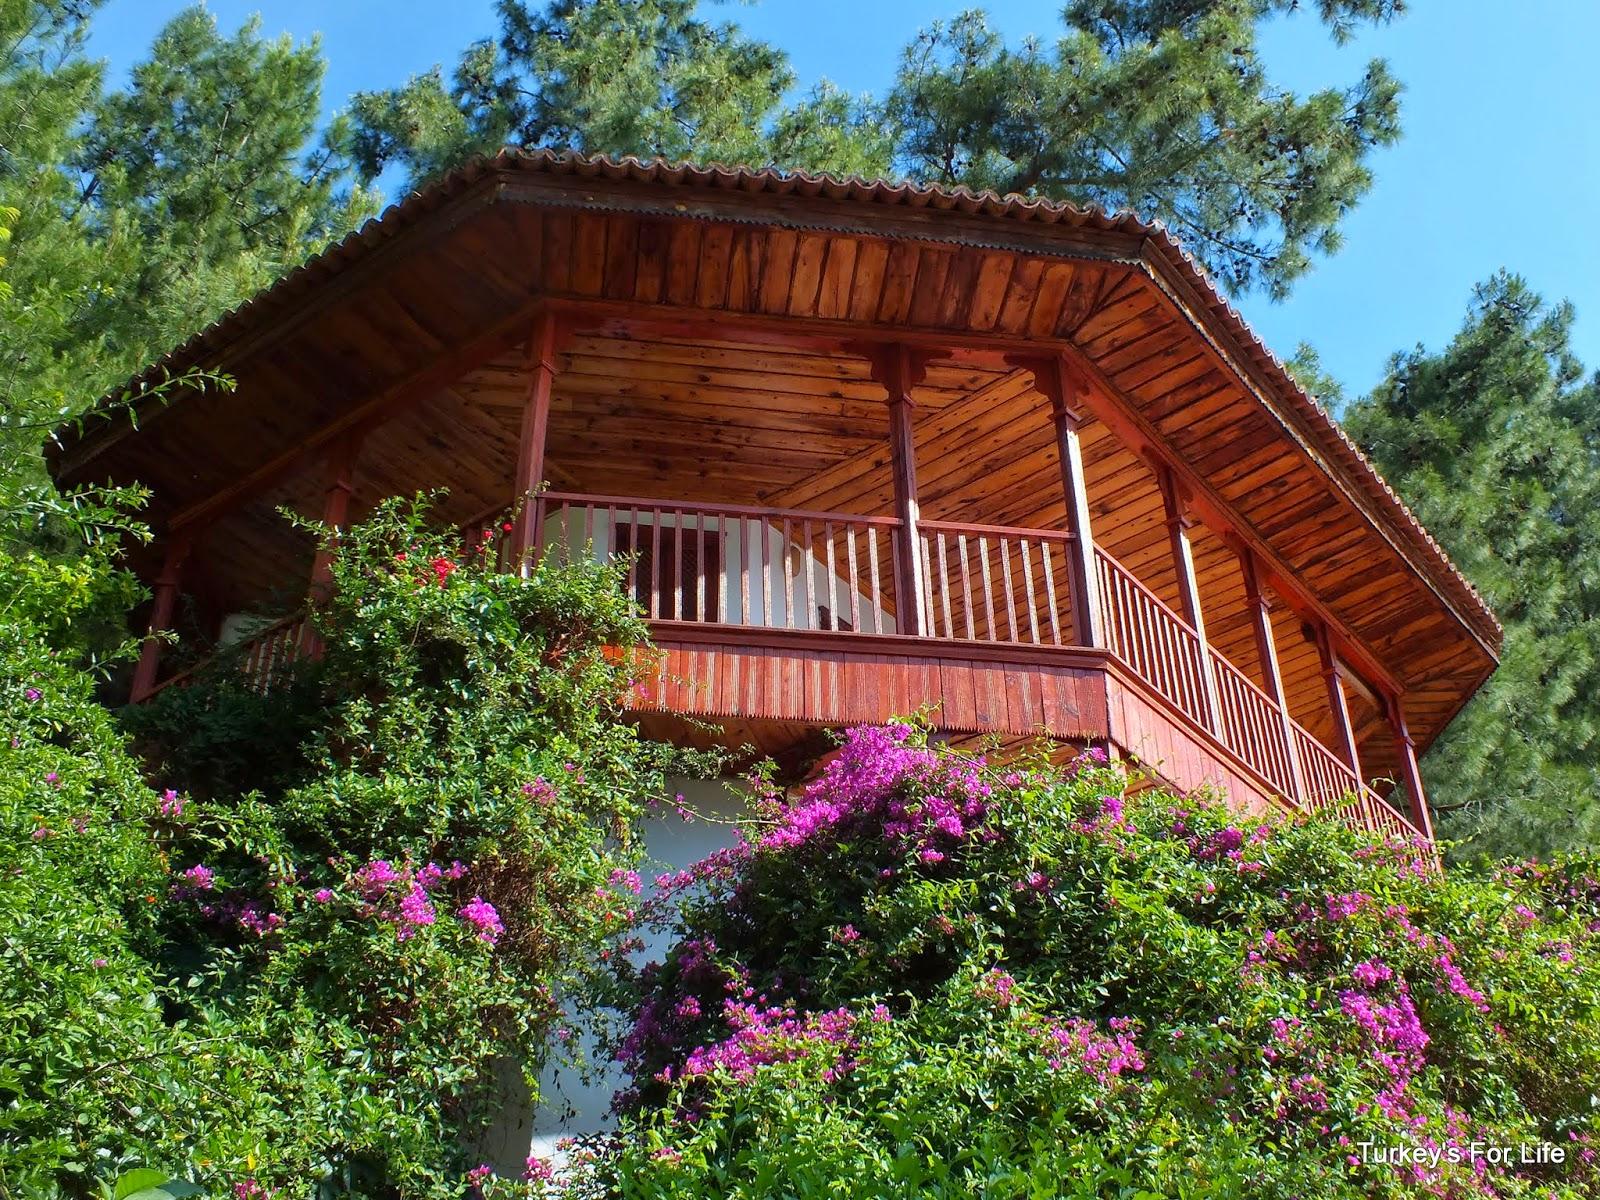 Fethiye+Hotels+Letoonia+Turkey.jpg